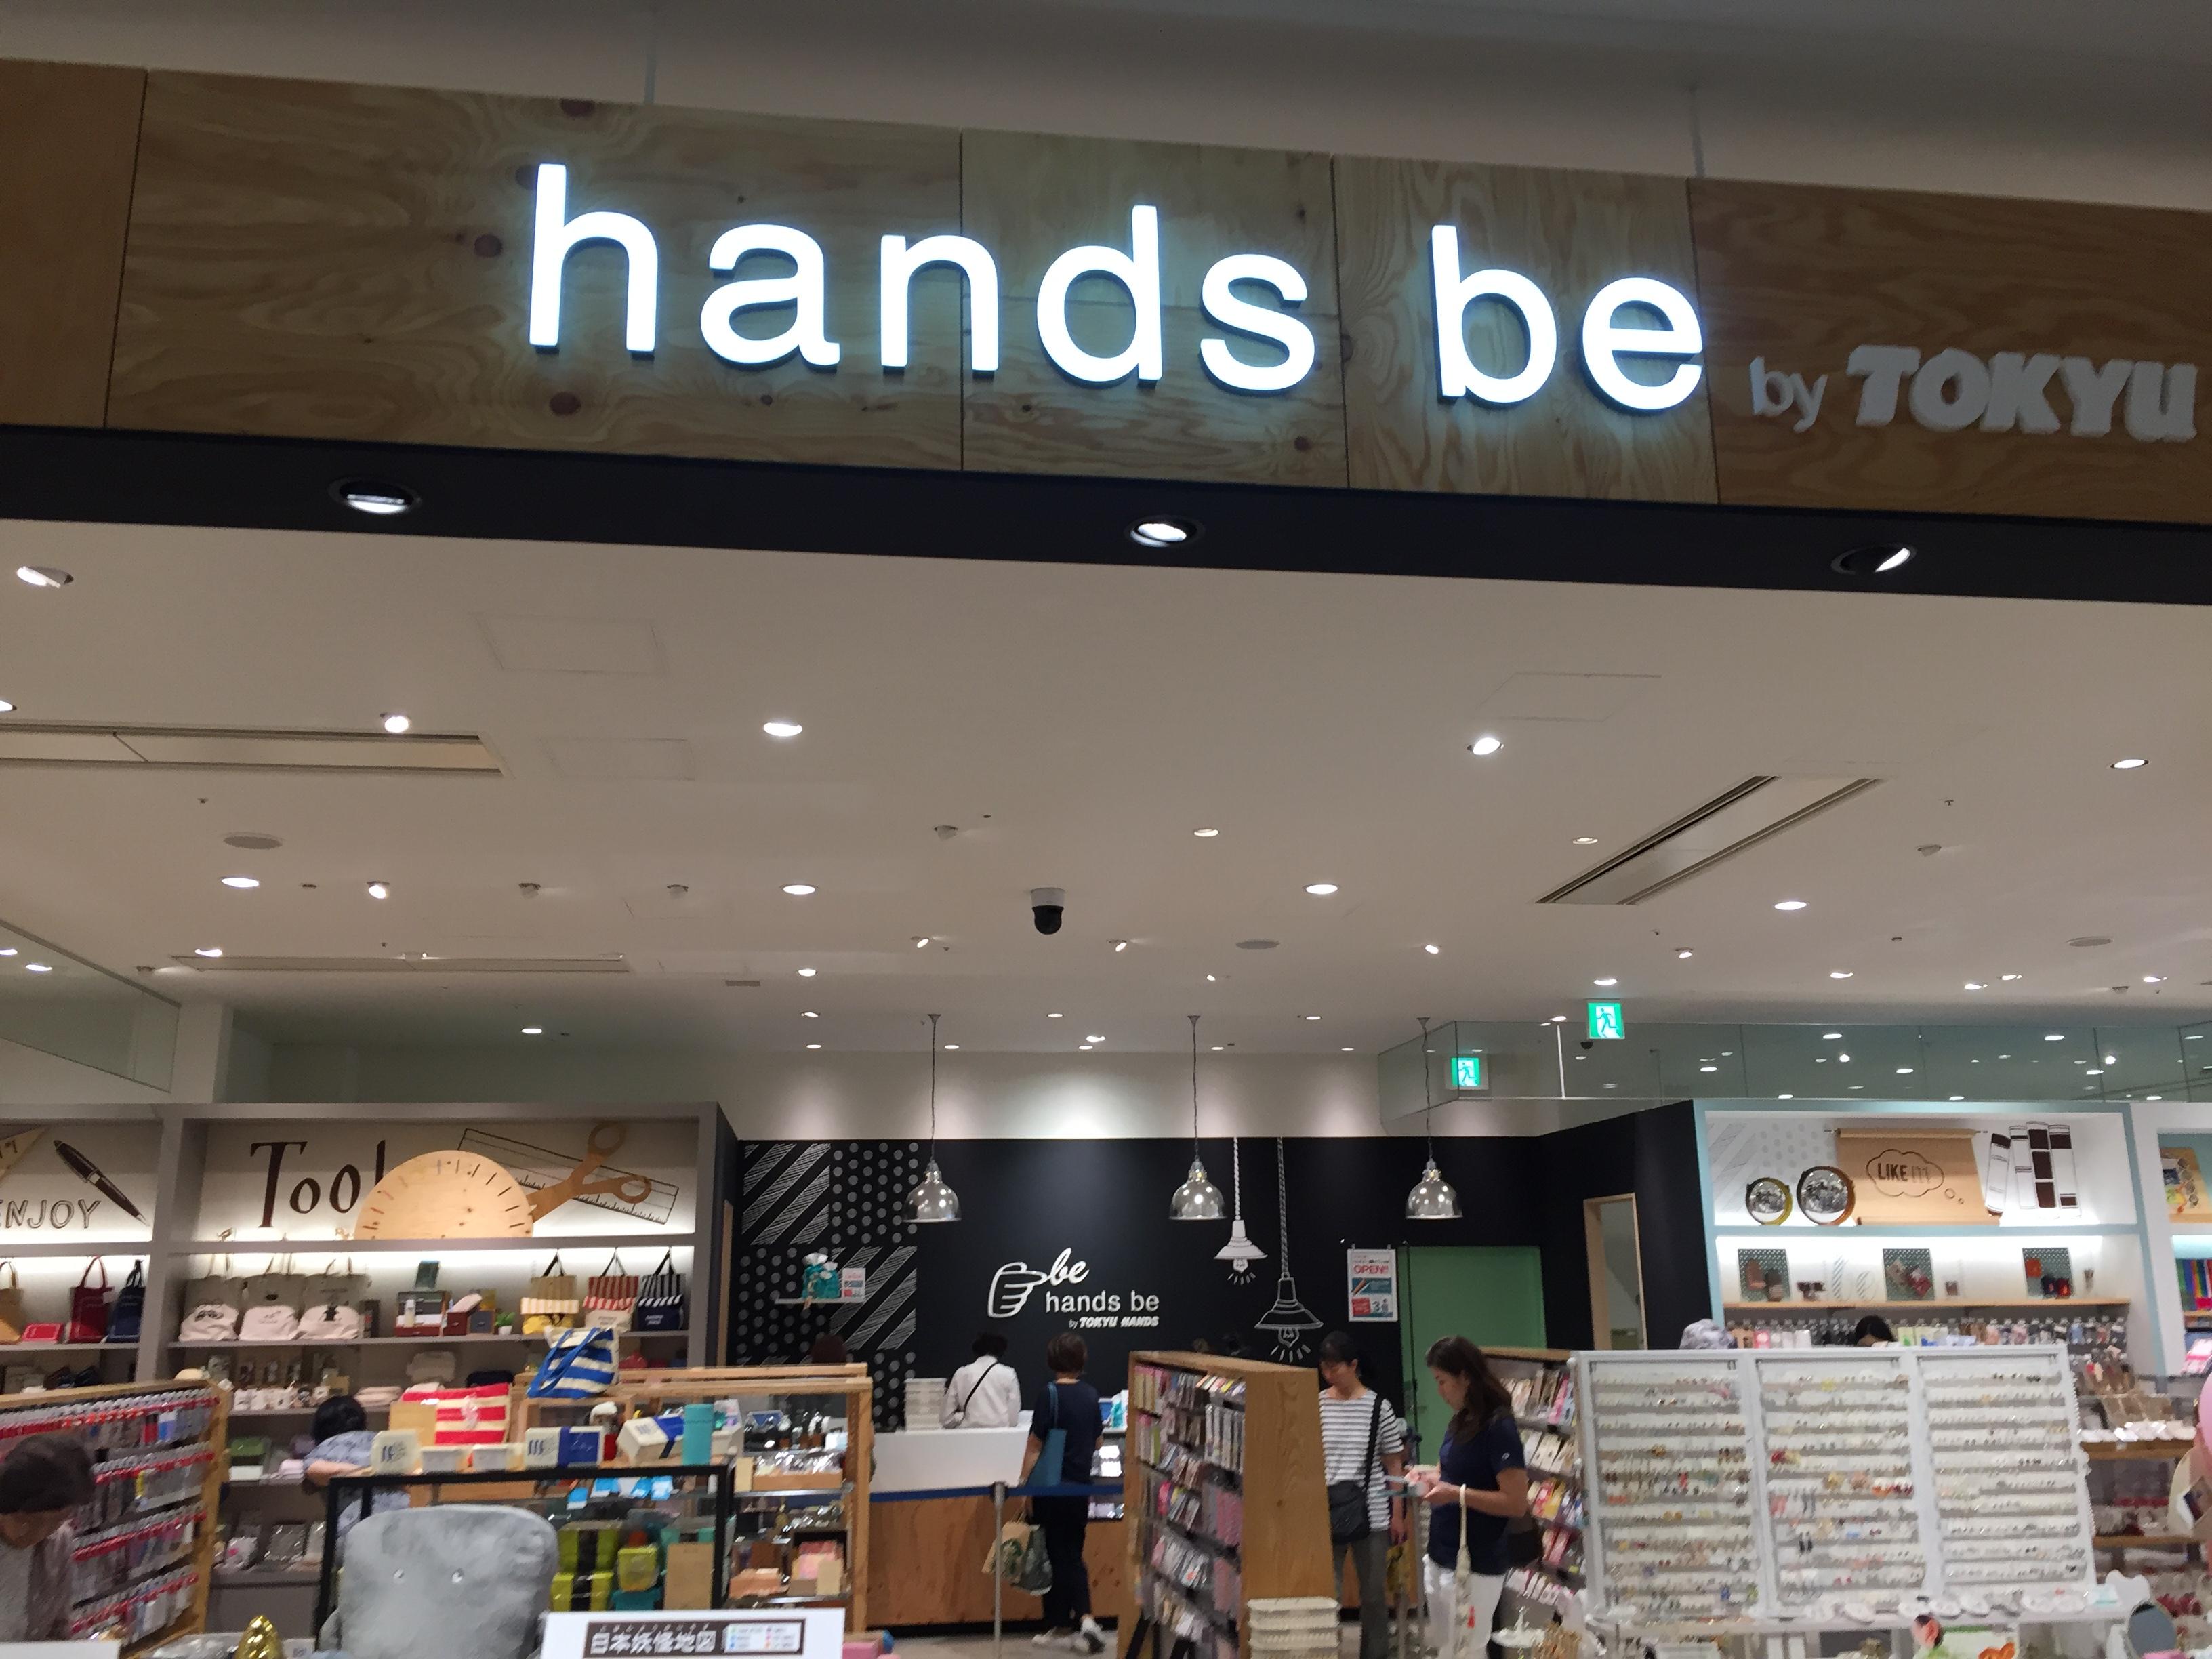 hands be【ハンズビー】が神戸・御影クラッセにが7/21 オープンしたよ!【※写真レポあり※】